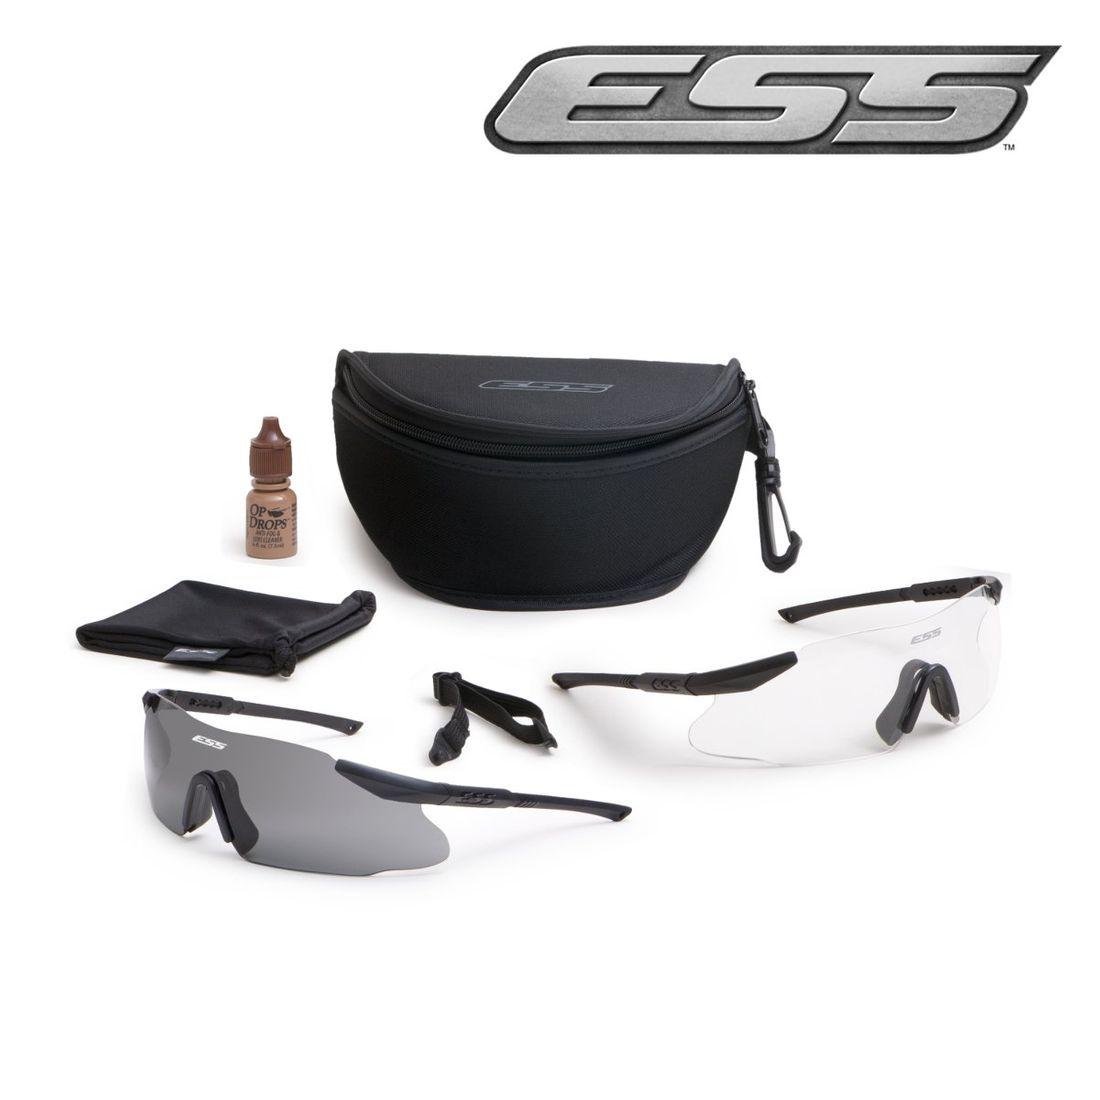 ICE 2X kit. Kit 2 lunettes ICE™ verres clair et fumé ESS 6df66f055763